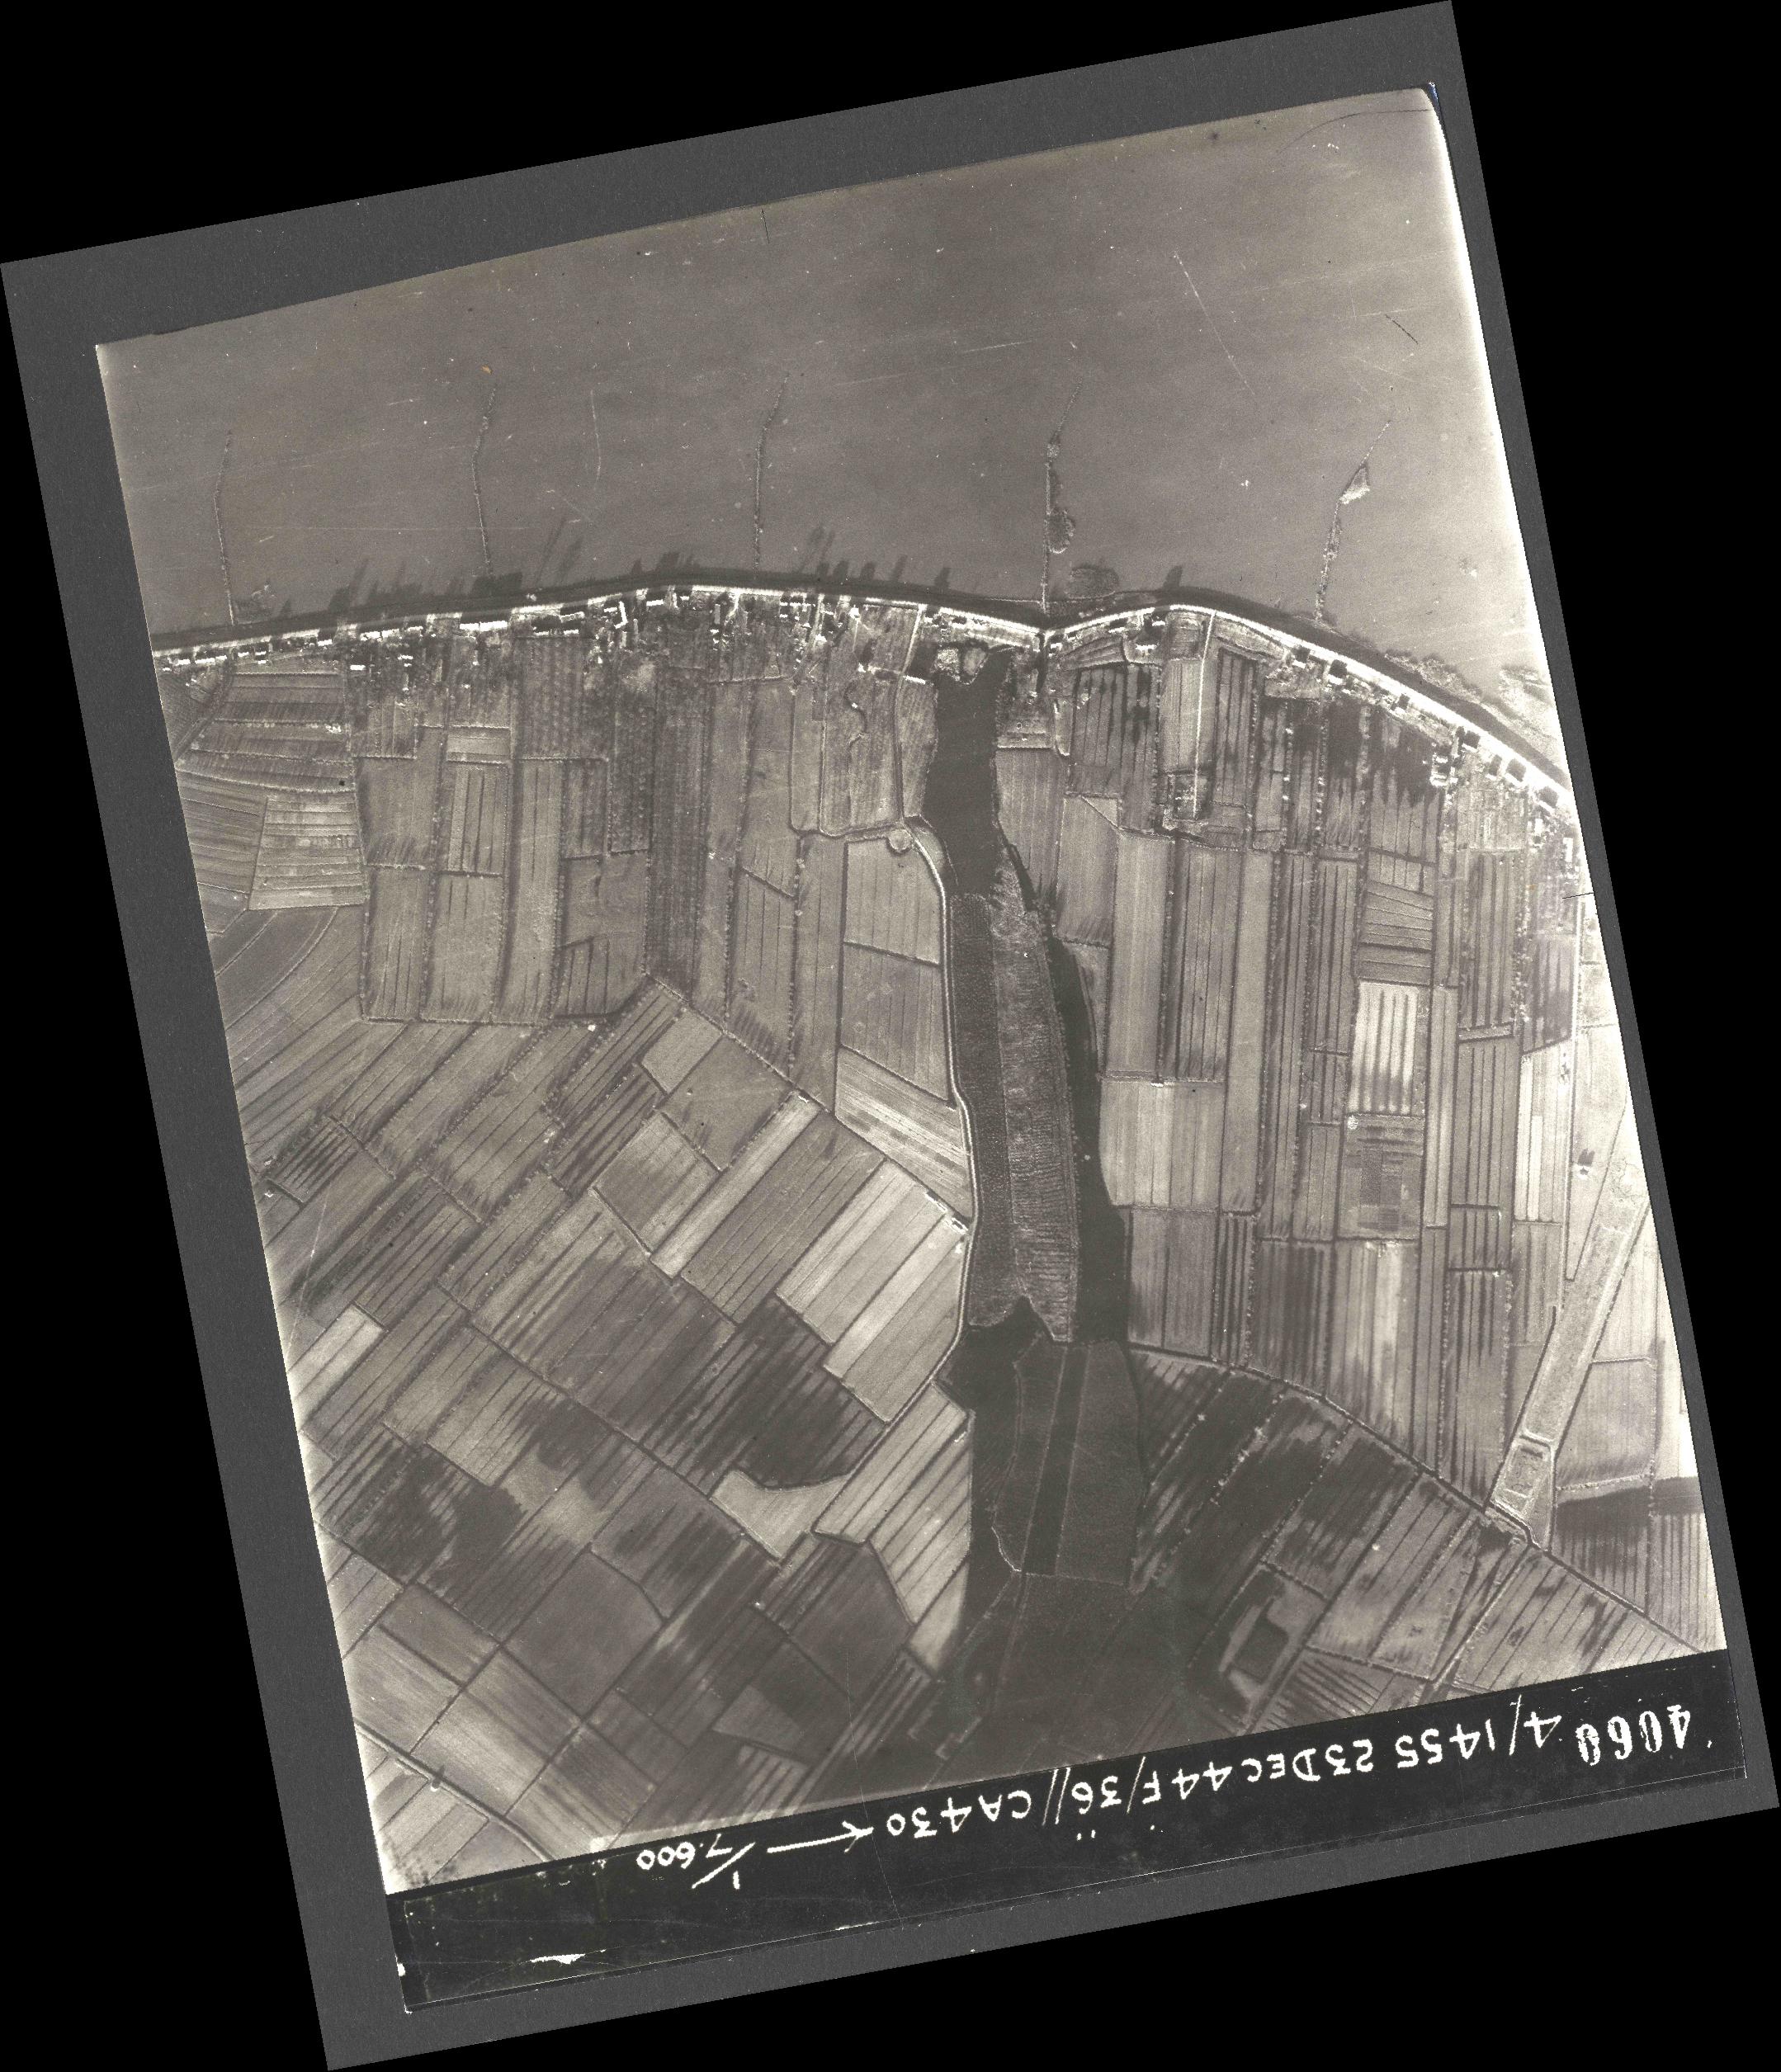 Collection RAF aerial photos 1940-1945 - flight 051, run 08, photo 4060